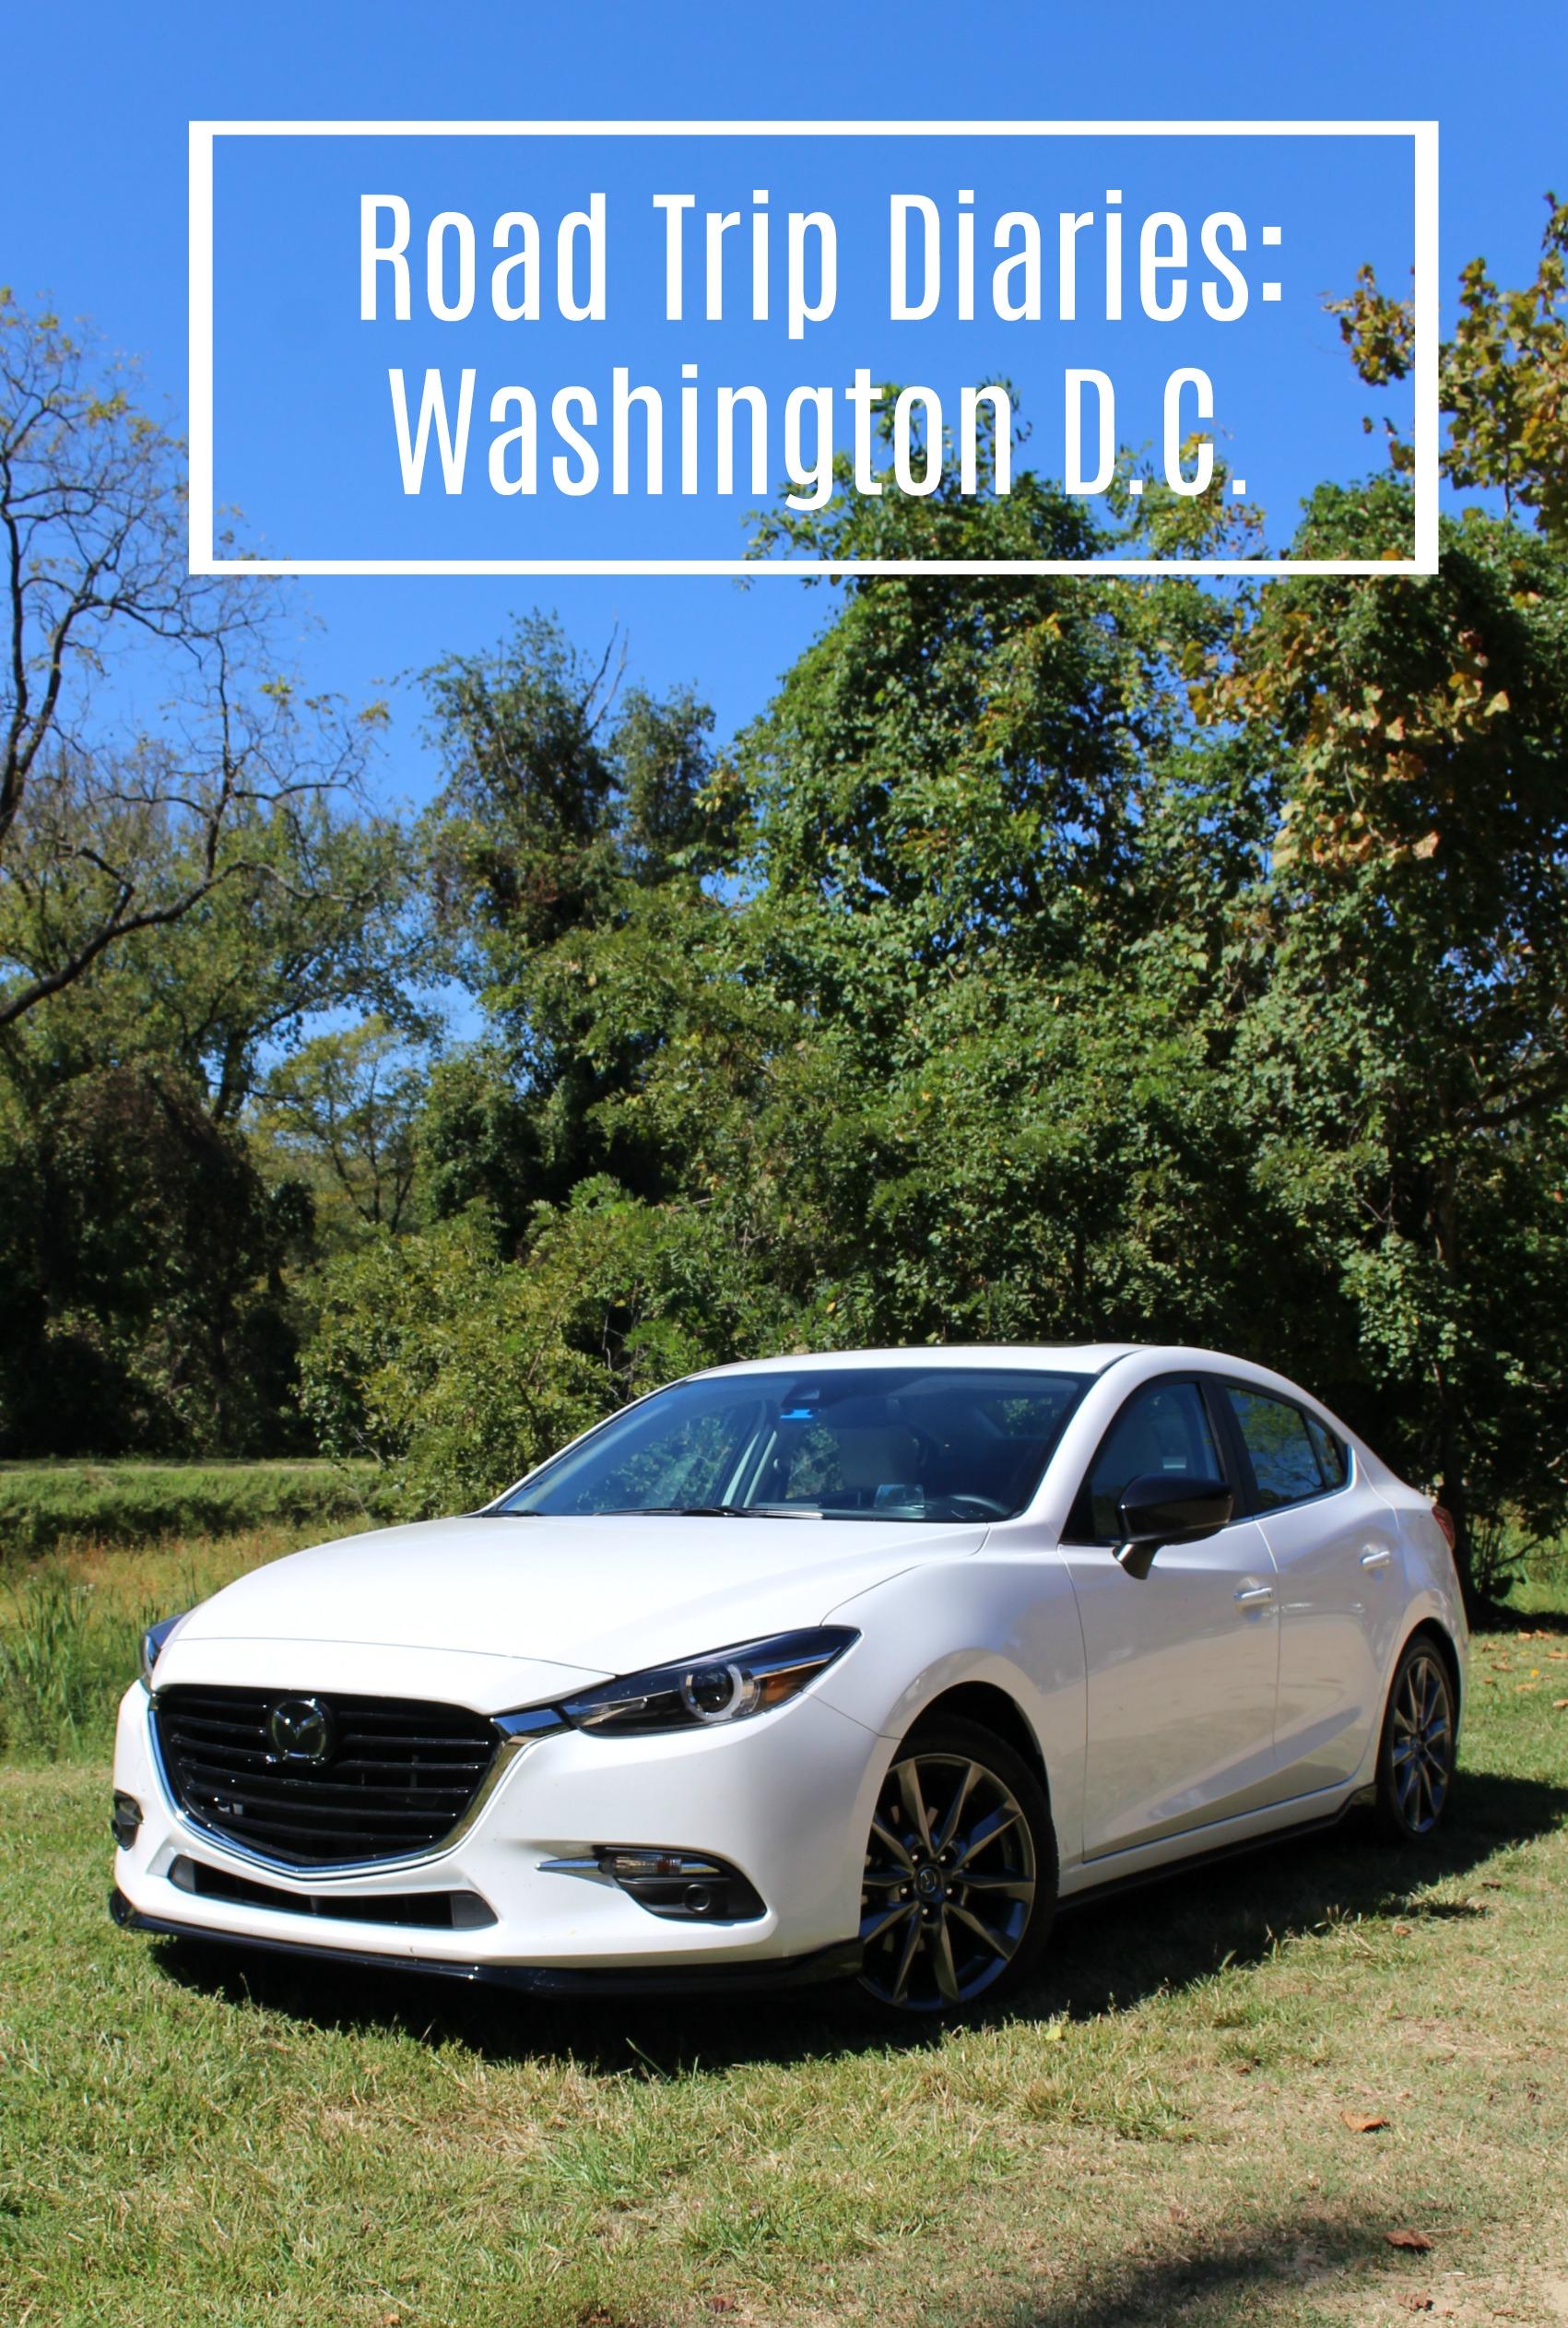 Road Trip Diaries- Washington D.C. Edition